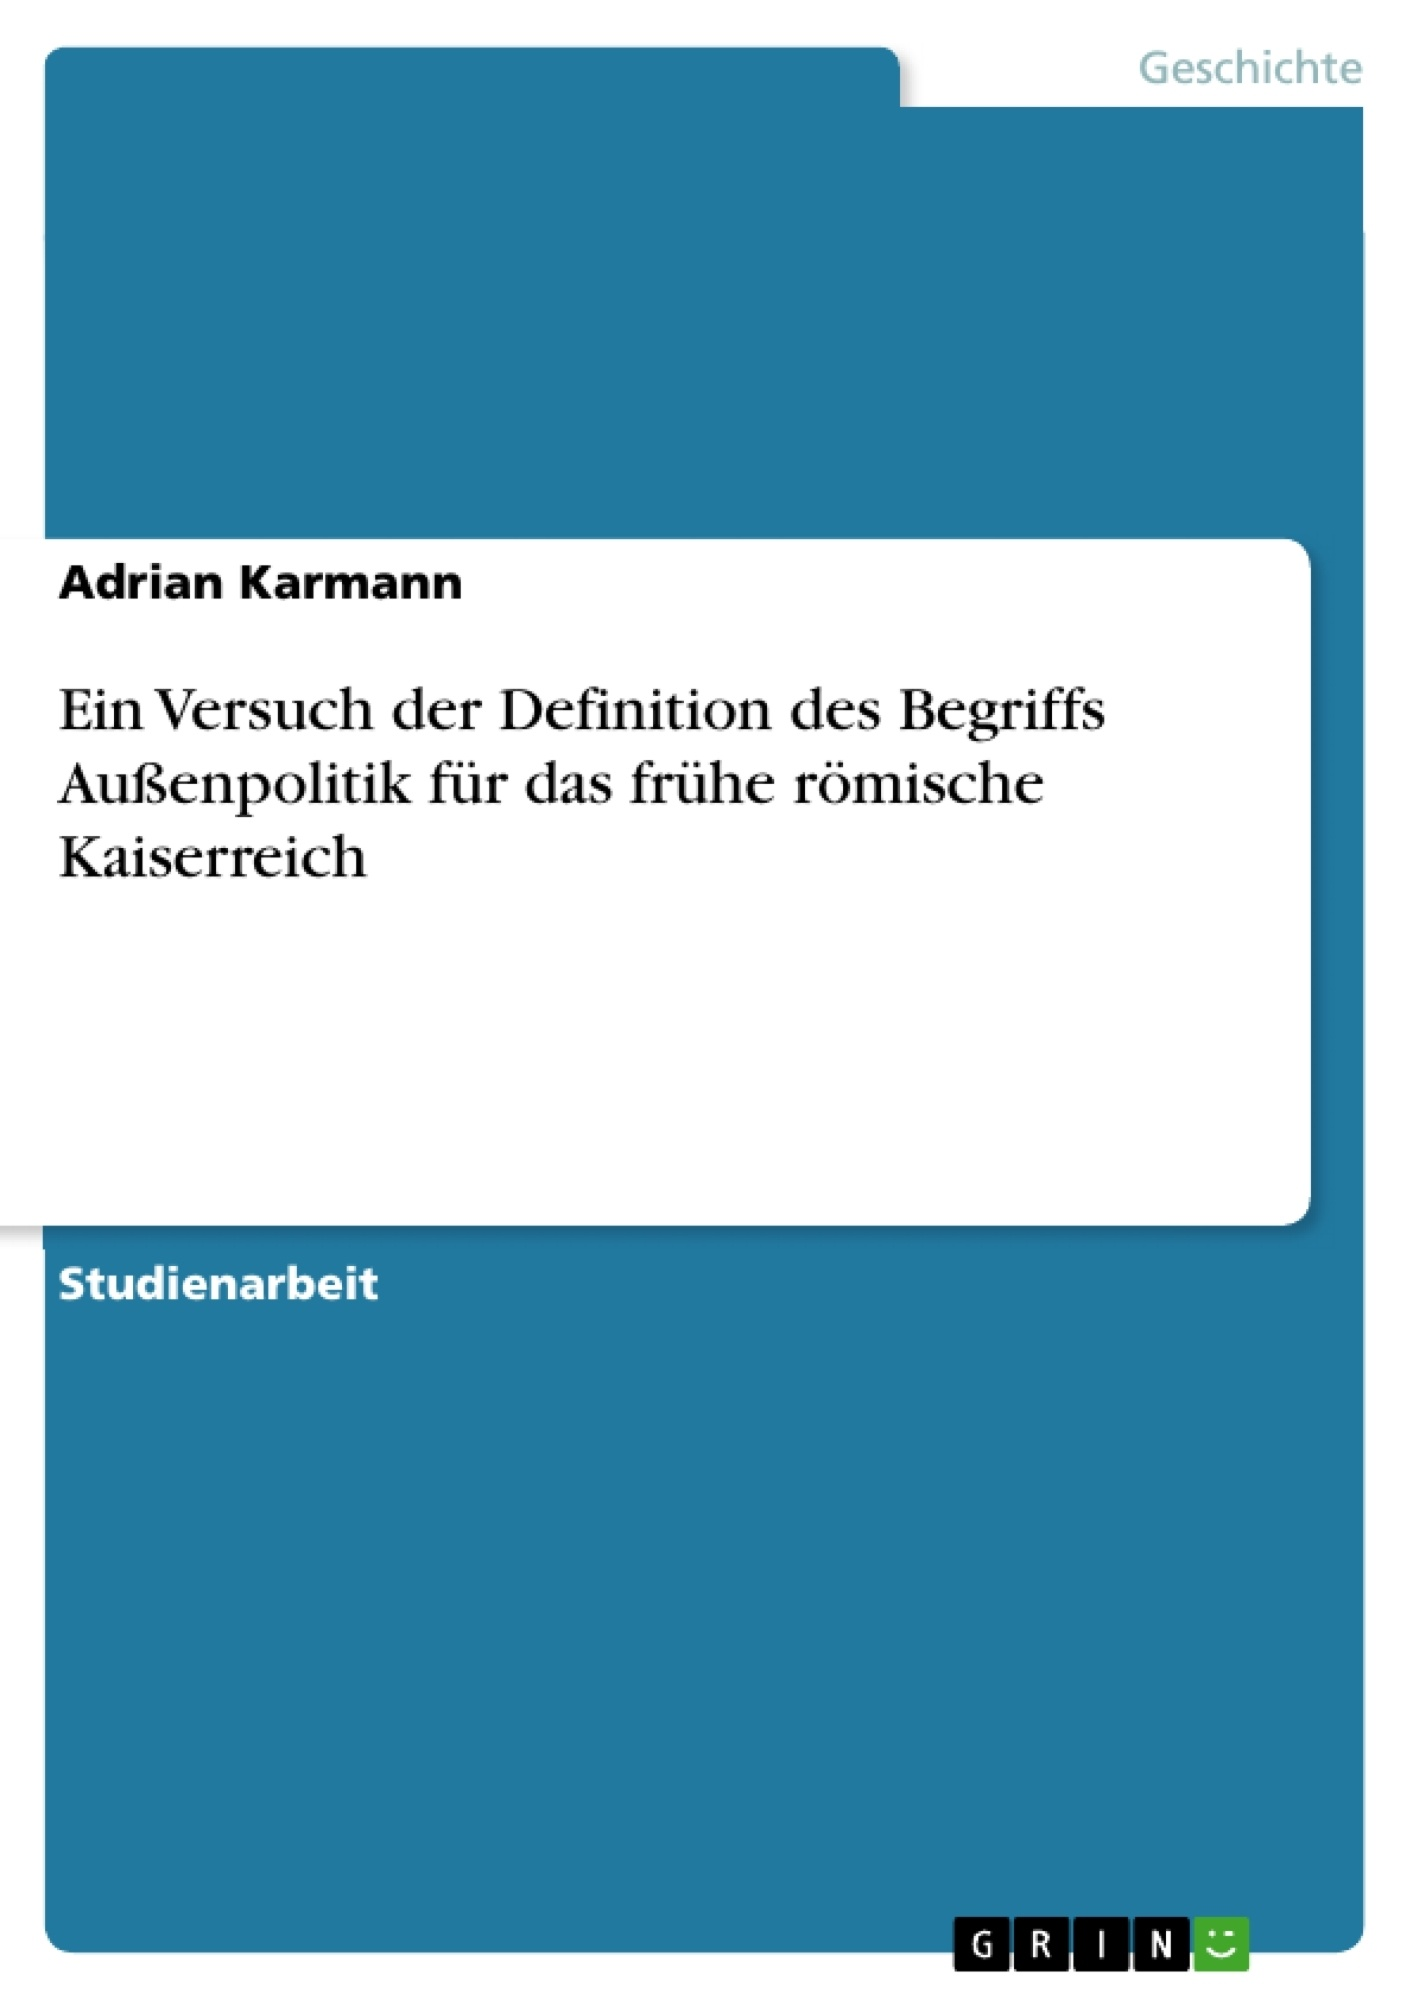 Titel: Ein Versuch der Definition des Begriffs Außenpolitik für das frühe römische Kaiserreich